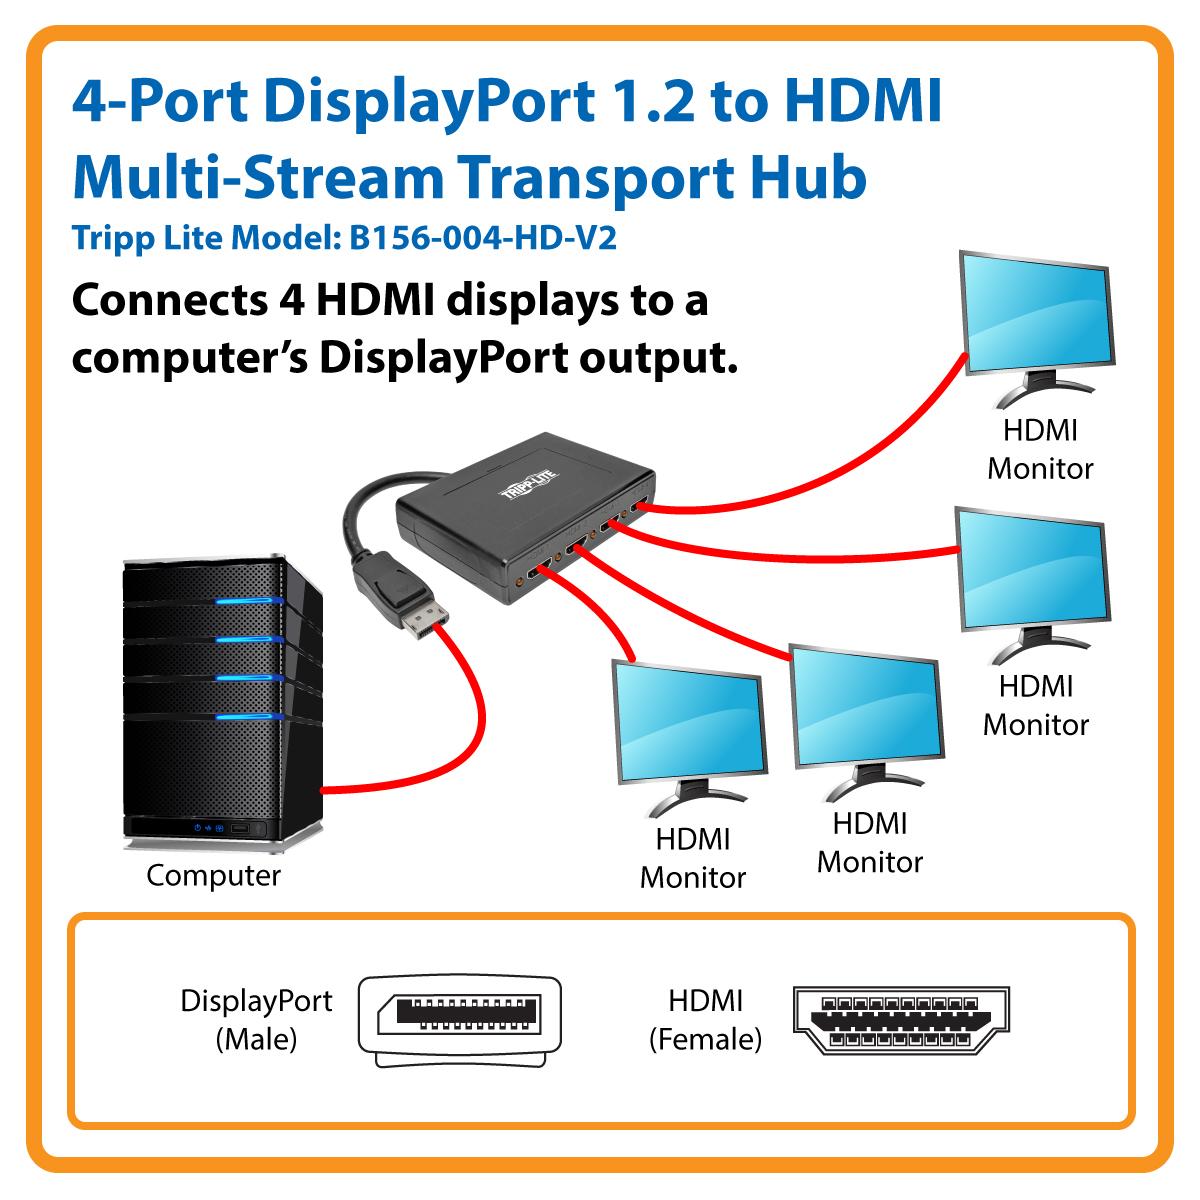 Tripp Lite 4-Port DisplayPort to HDMI Multi Stream Transport Hub MST 4K x  2K @ 24/30Hz - video/audio splitter - 4 ports